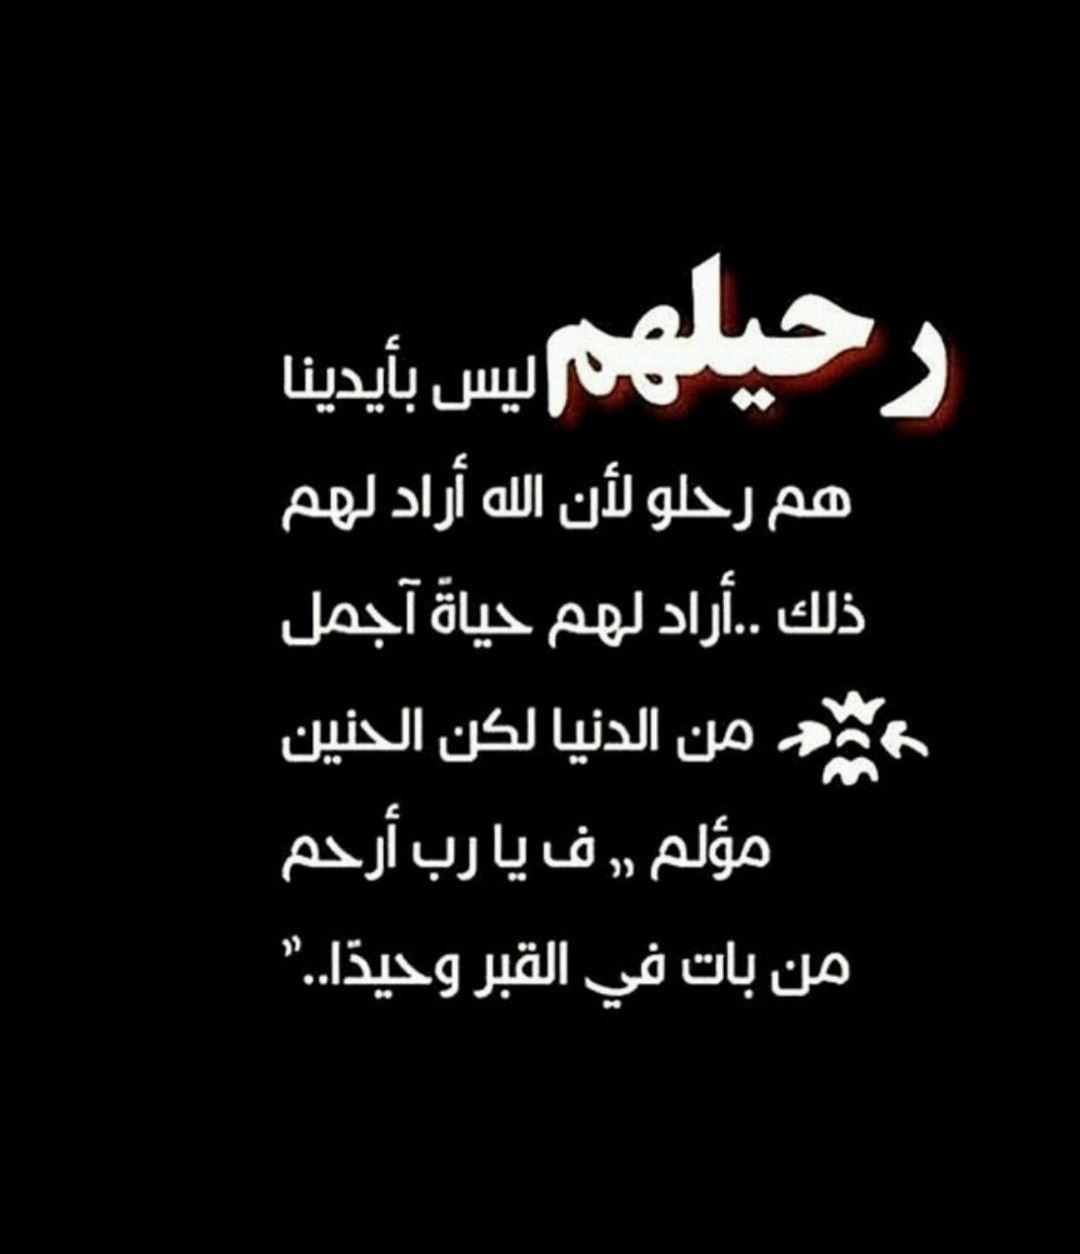 رحمك الله وغفر لك يا والدي ويجمعني بك في جنة الفردوس الأعلى بلا حساب ولا سابق عذاب Islamic Inspirational Quotes Inspirational Quotes Quotes